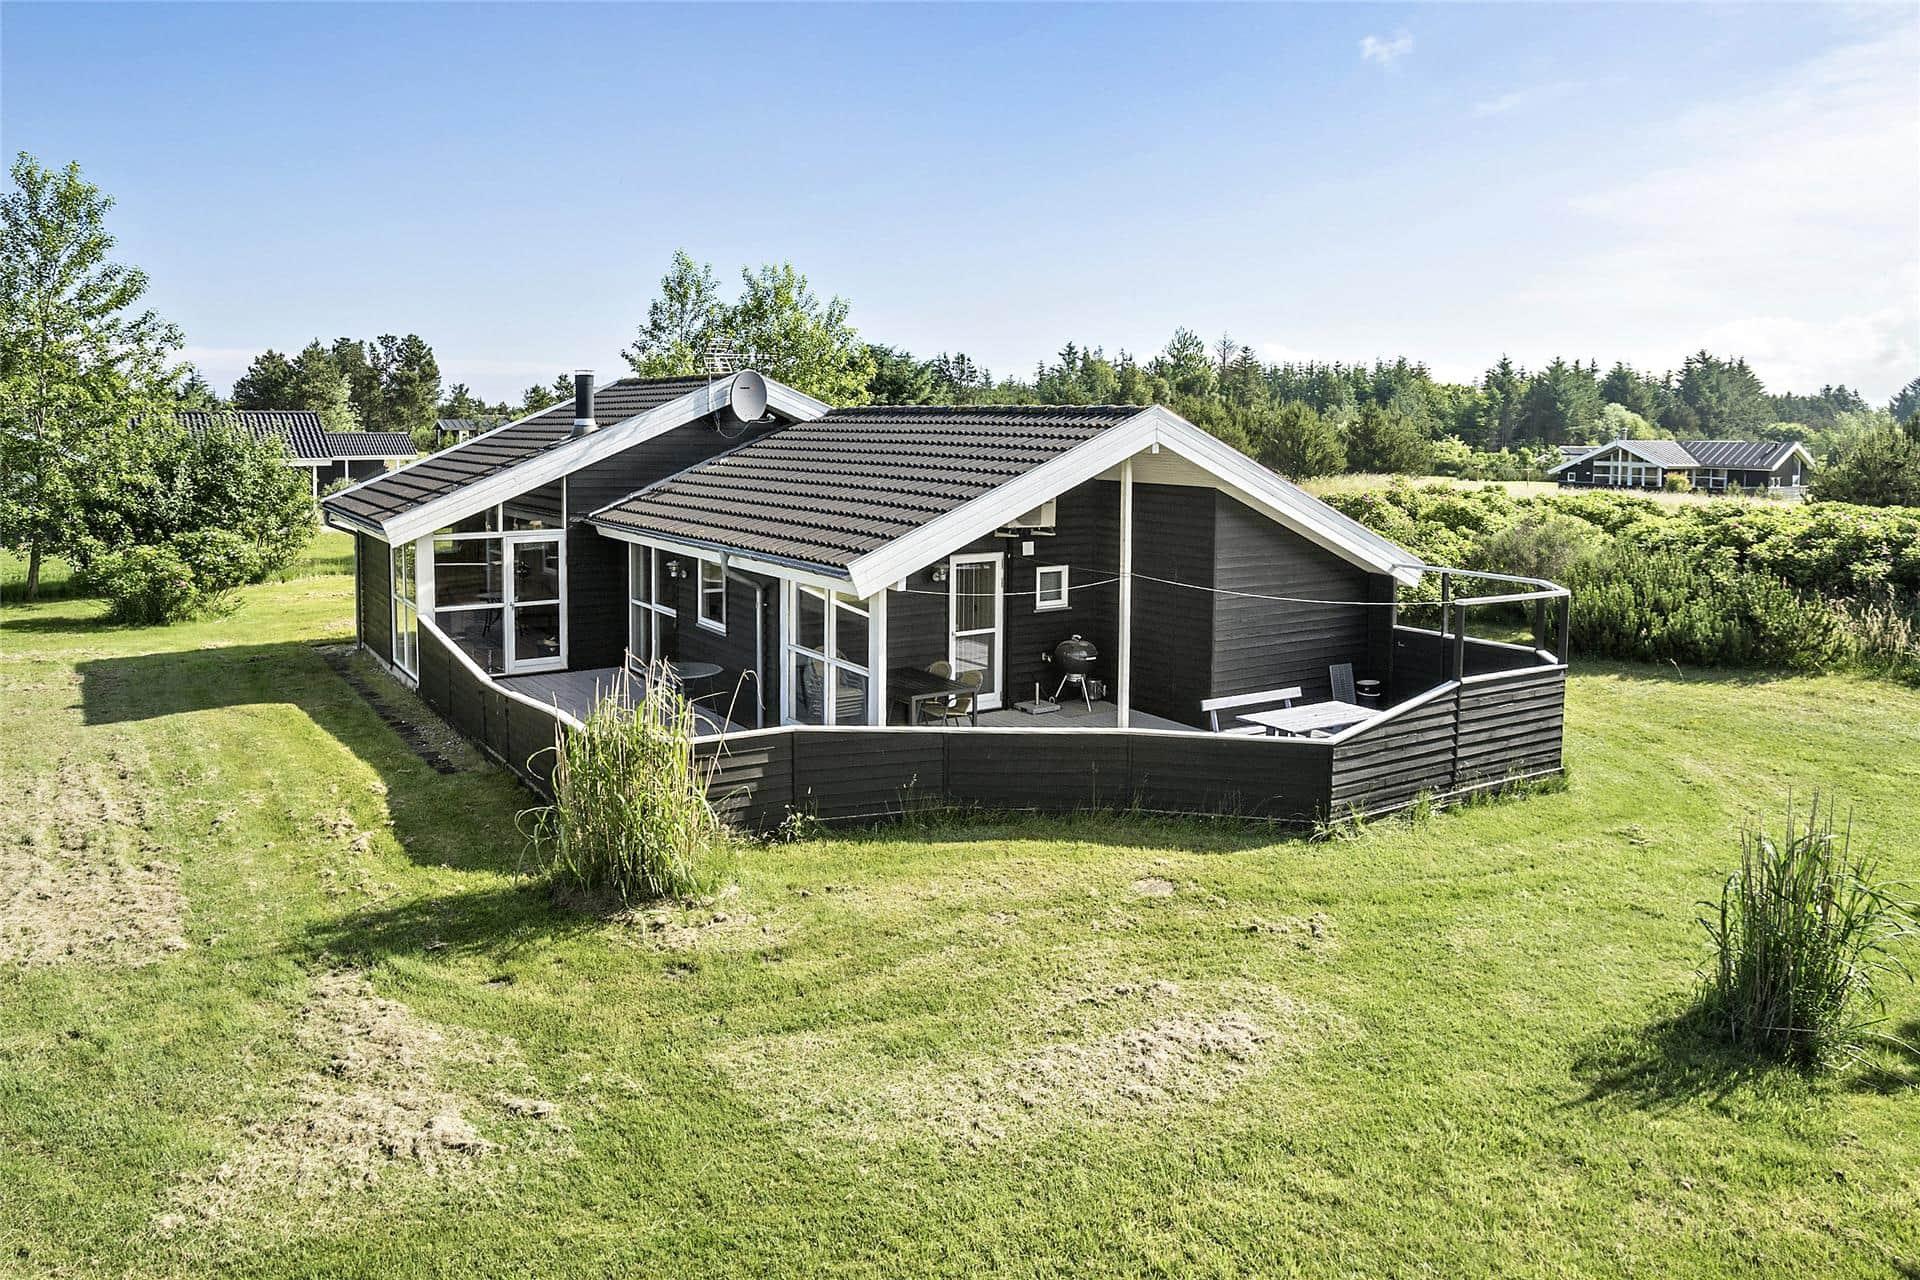 Billede 1-148 Sommerhus TV1208, Høgevej 6, DK - 9881 Bindslev